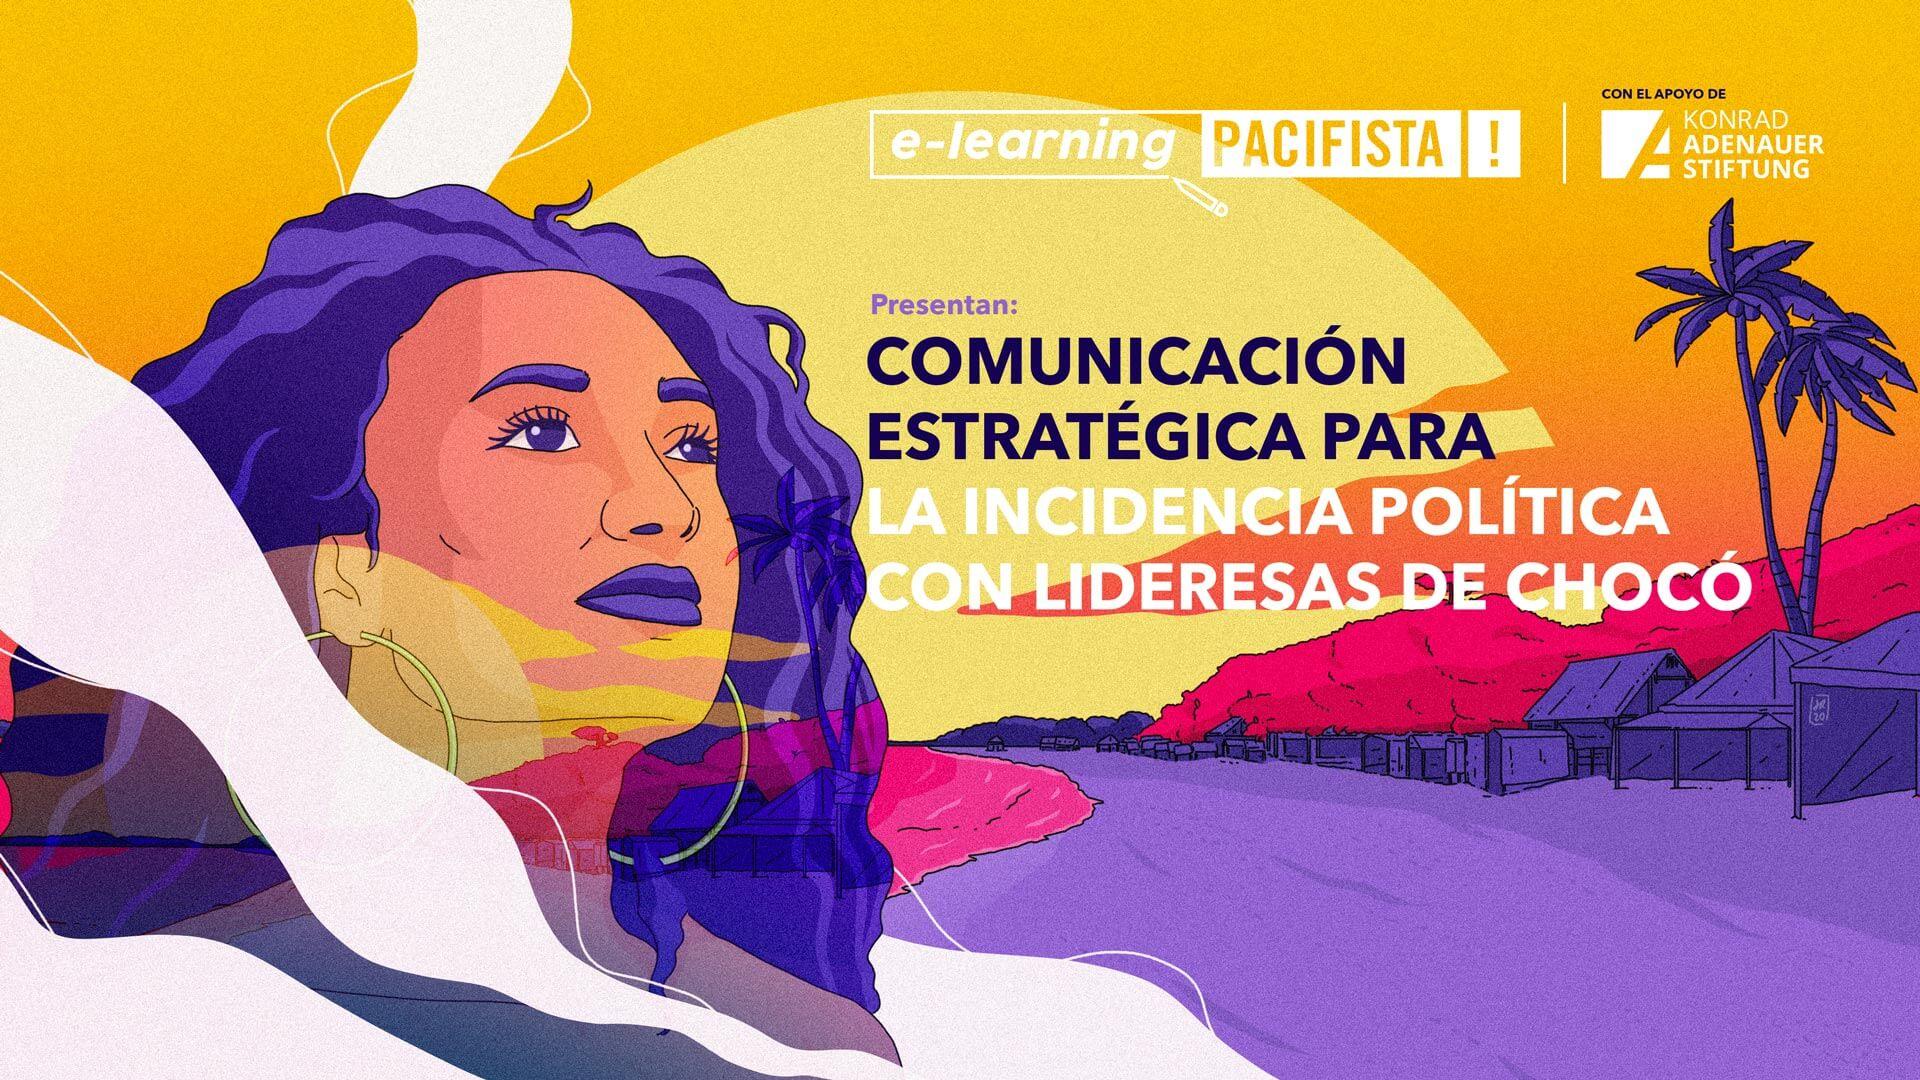 ¡Pacifista lanza el curso virtual 'Comunicación estratégica para lideresas en el Chocó'!